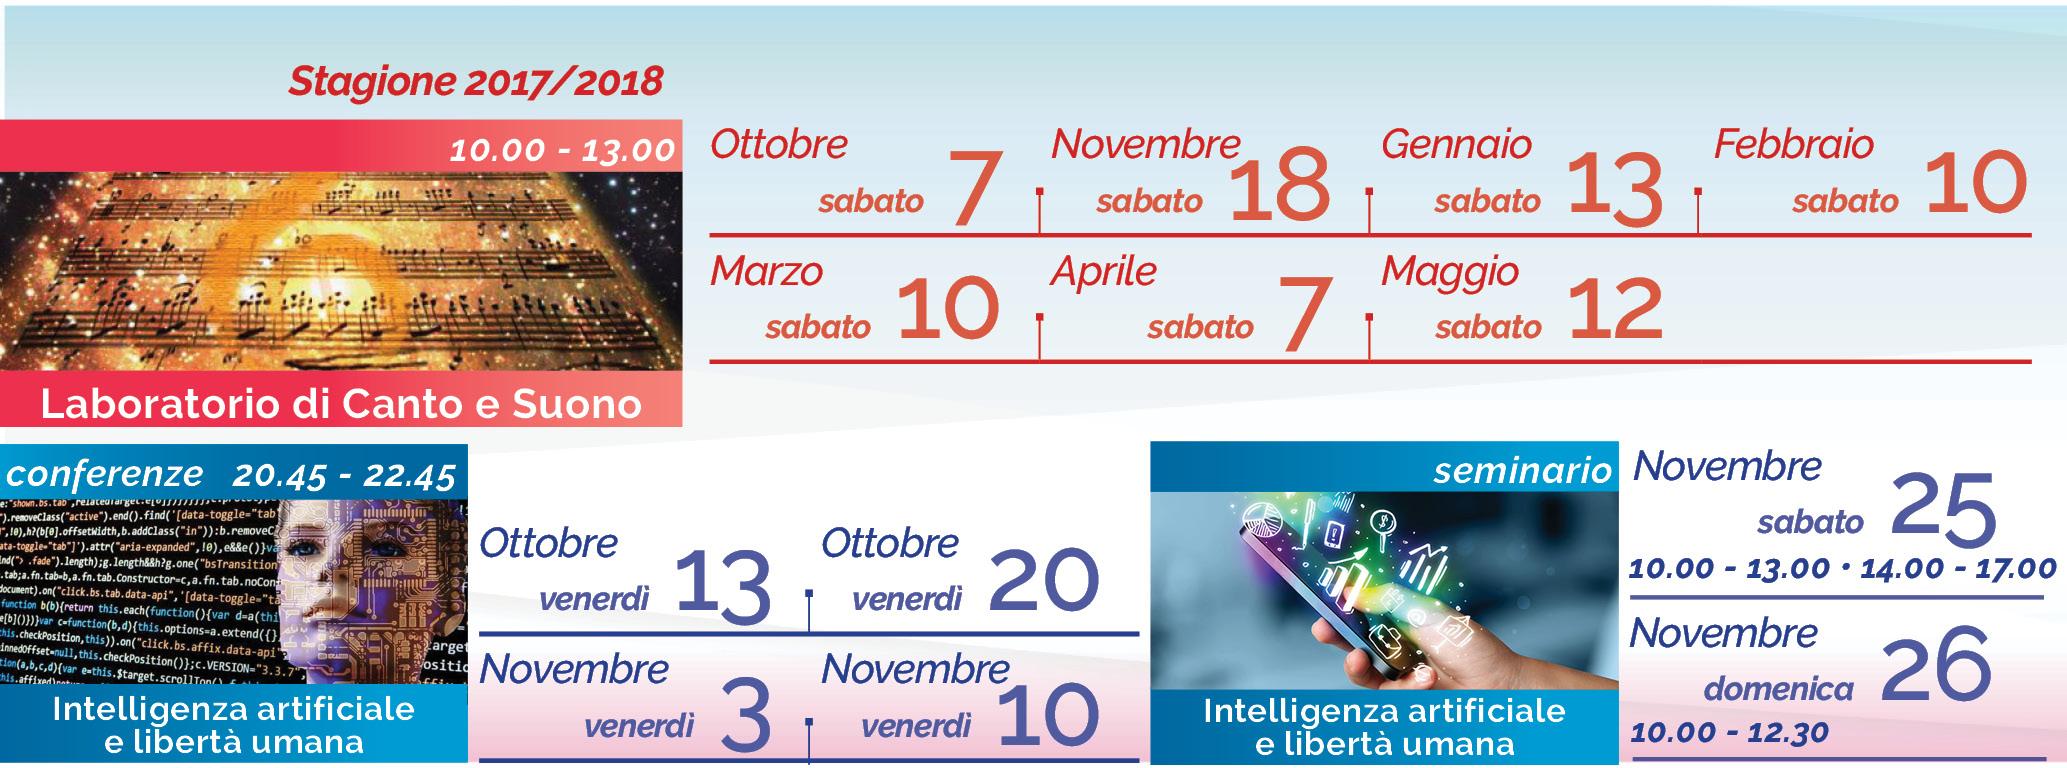 Sergio Motolese calendario 2017-2018